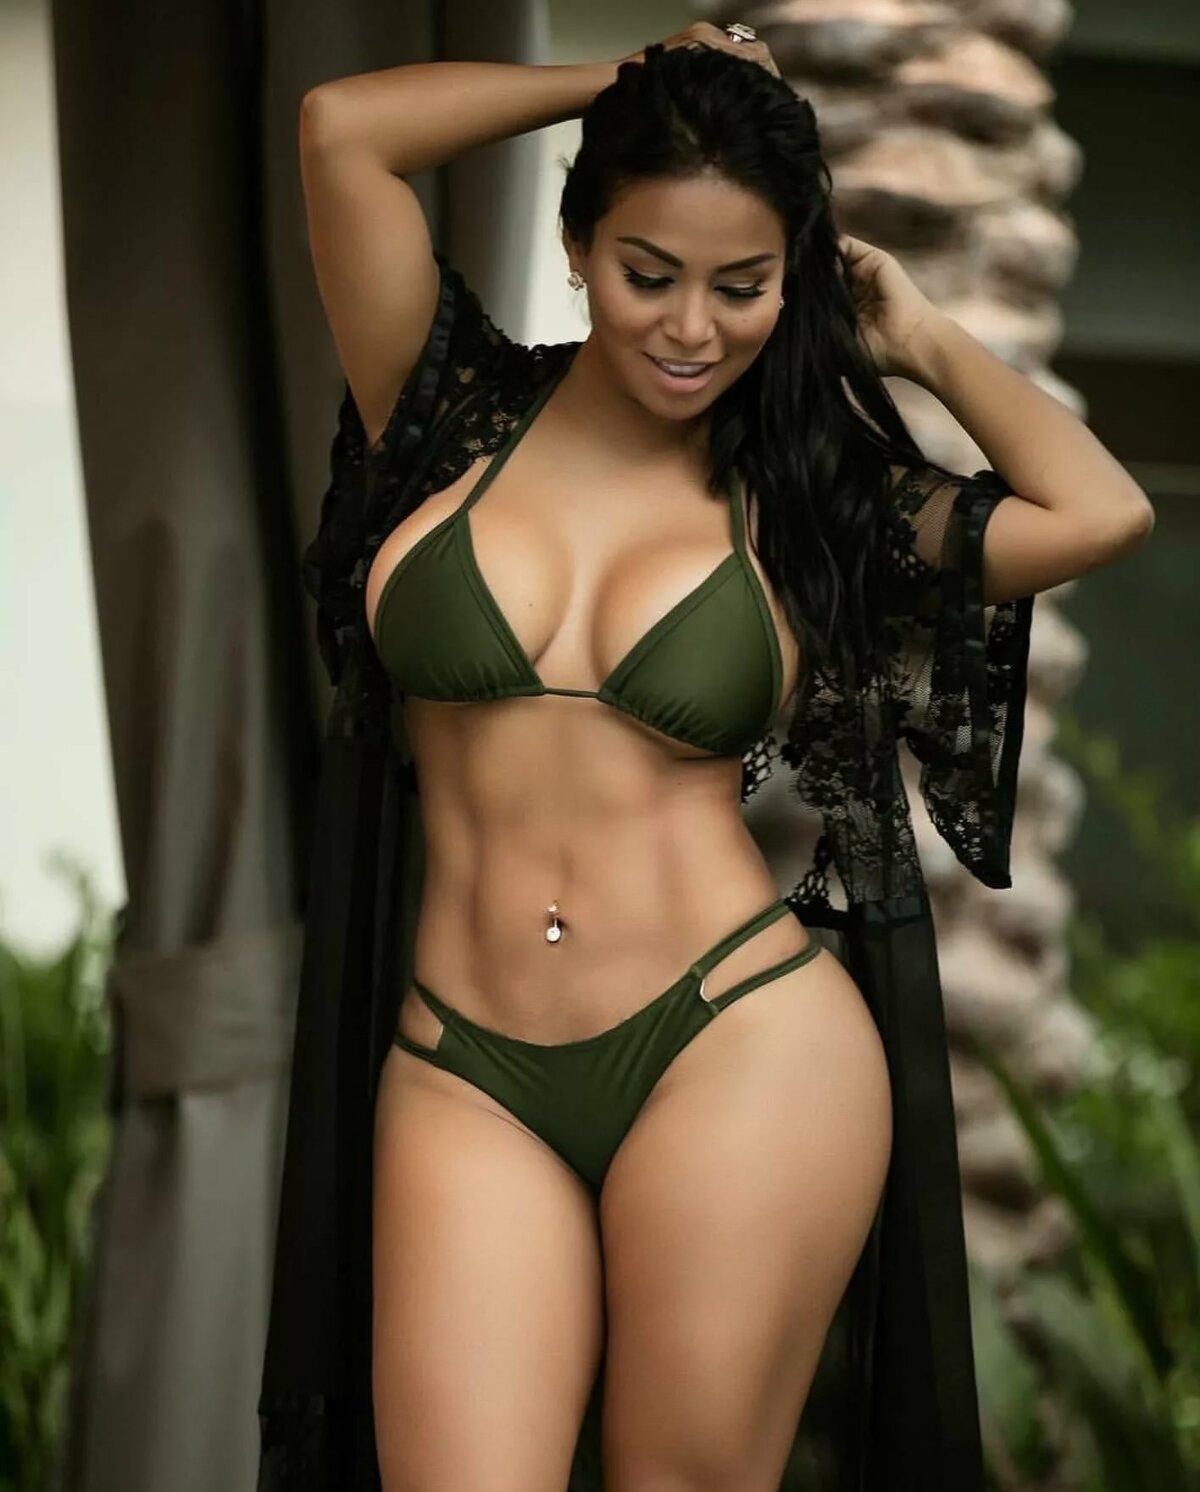 Сочные и пышные тела женщин фото — img 10